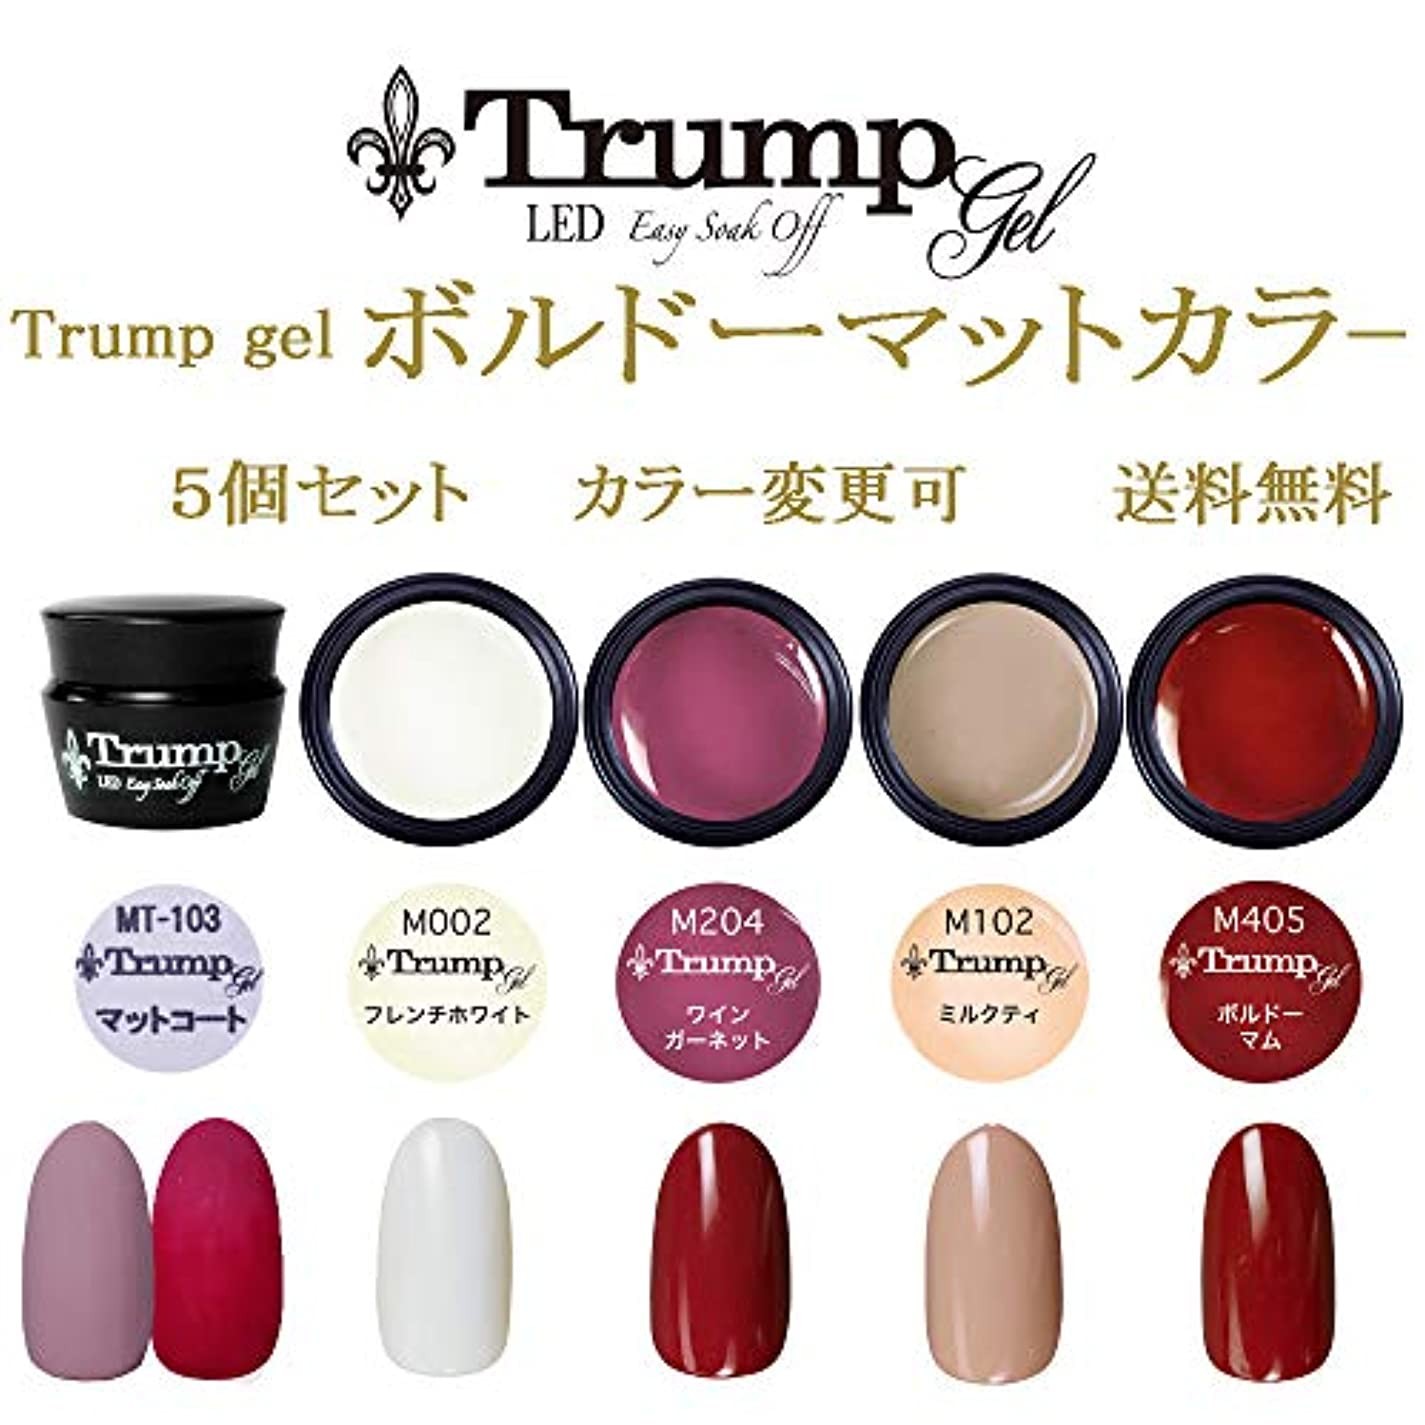 称賛検索エンジンマーケティング防ぐ日本製 Trump gel トランプジェル ボルドー マット カラー 選べる カラージェル 5個セット マットコート ホワイト ワイン レッド ベージュ